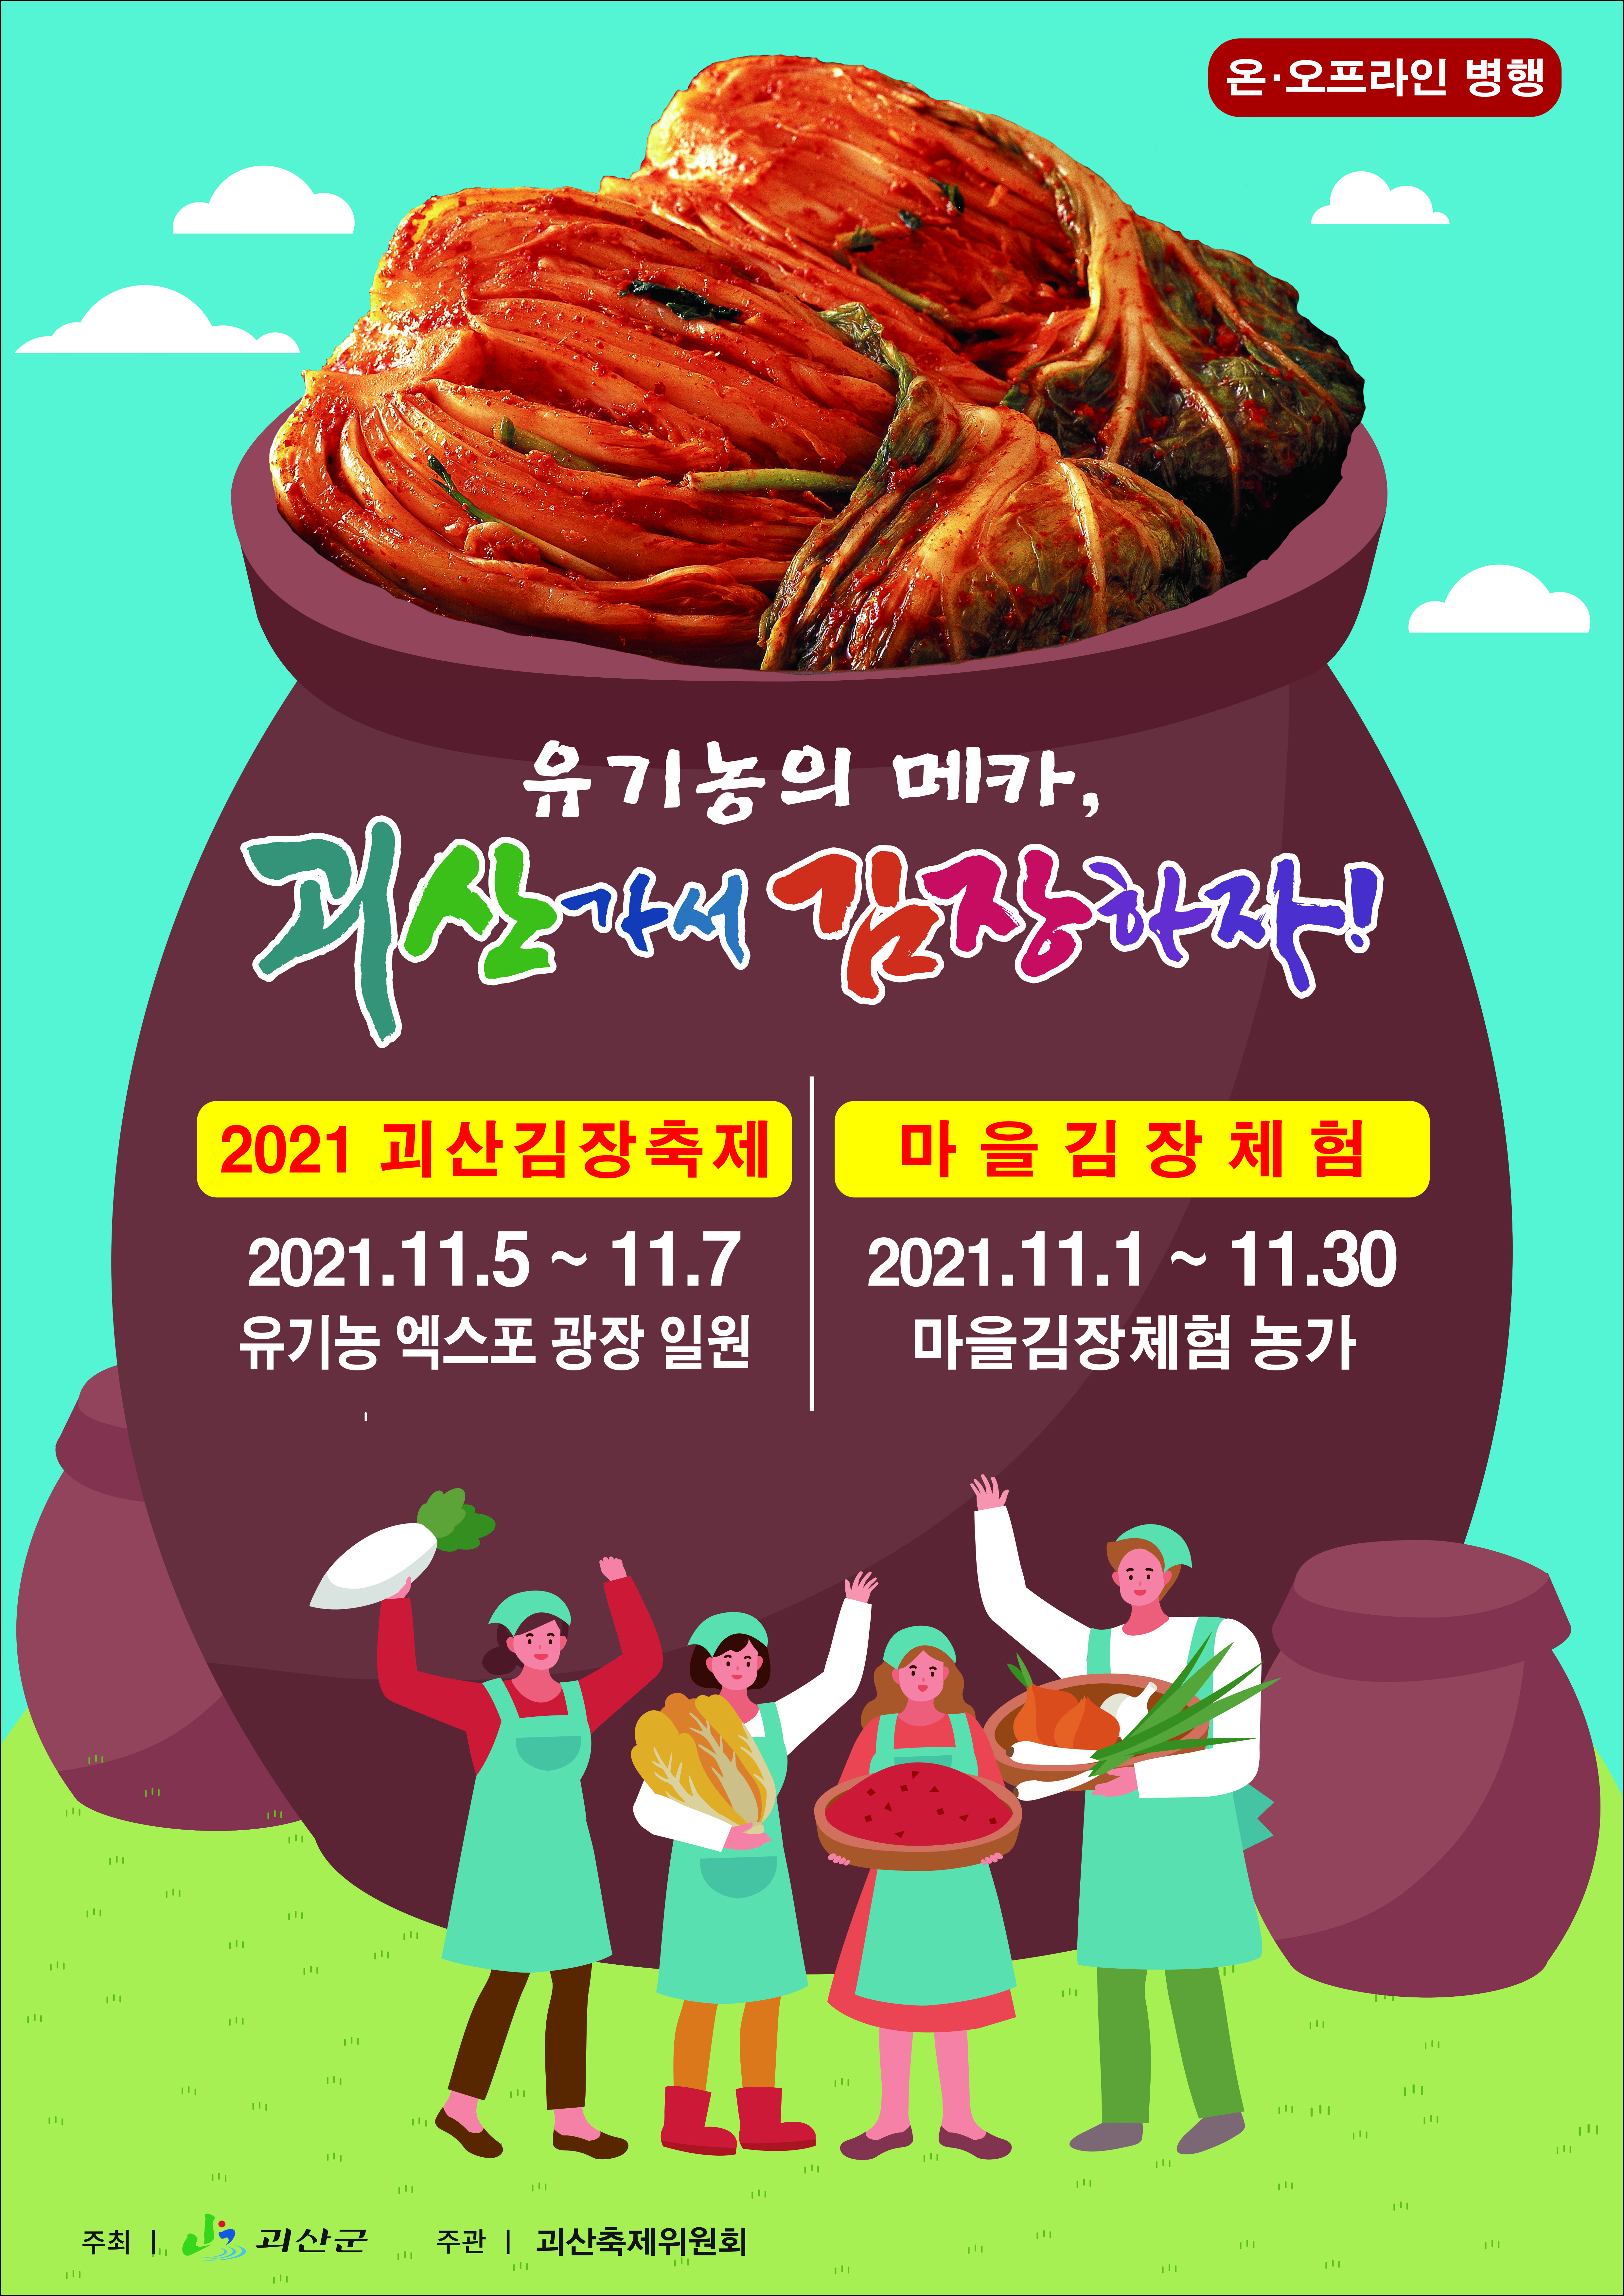 [괴산김장축제 온오프라인 다음 달 5~7일 개최] 뉴스 이미지